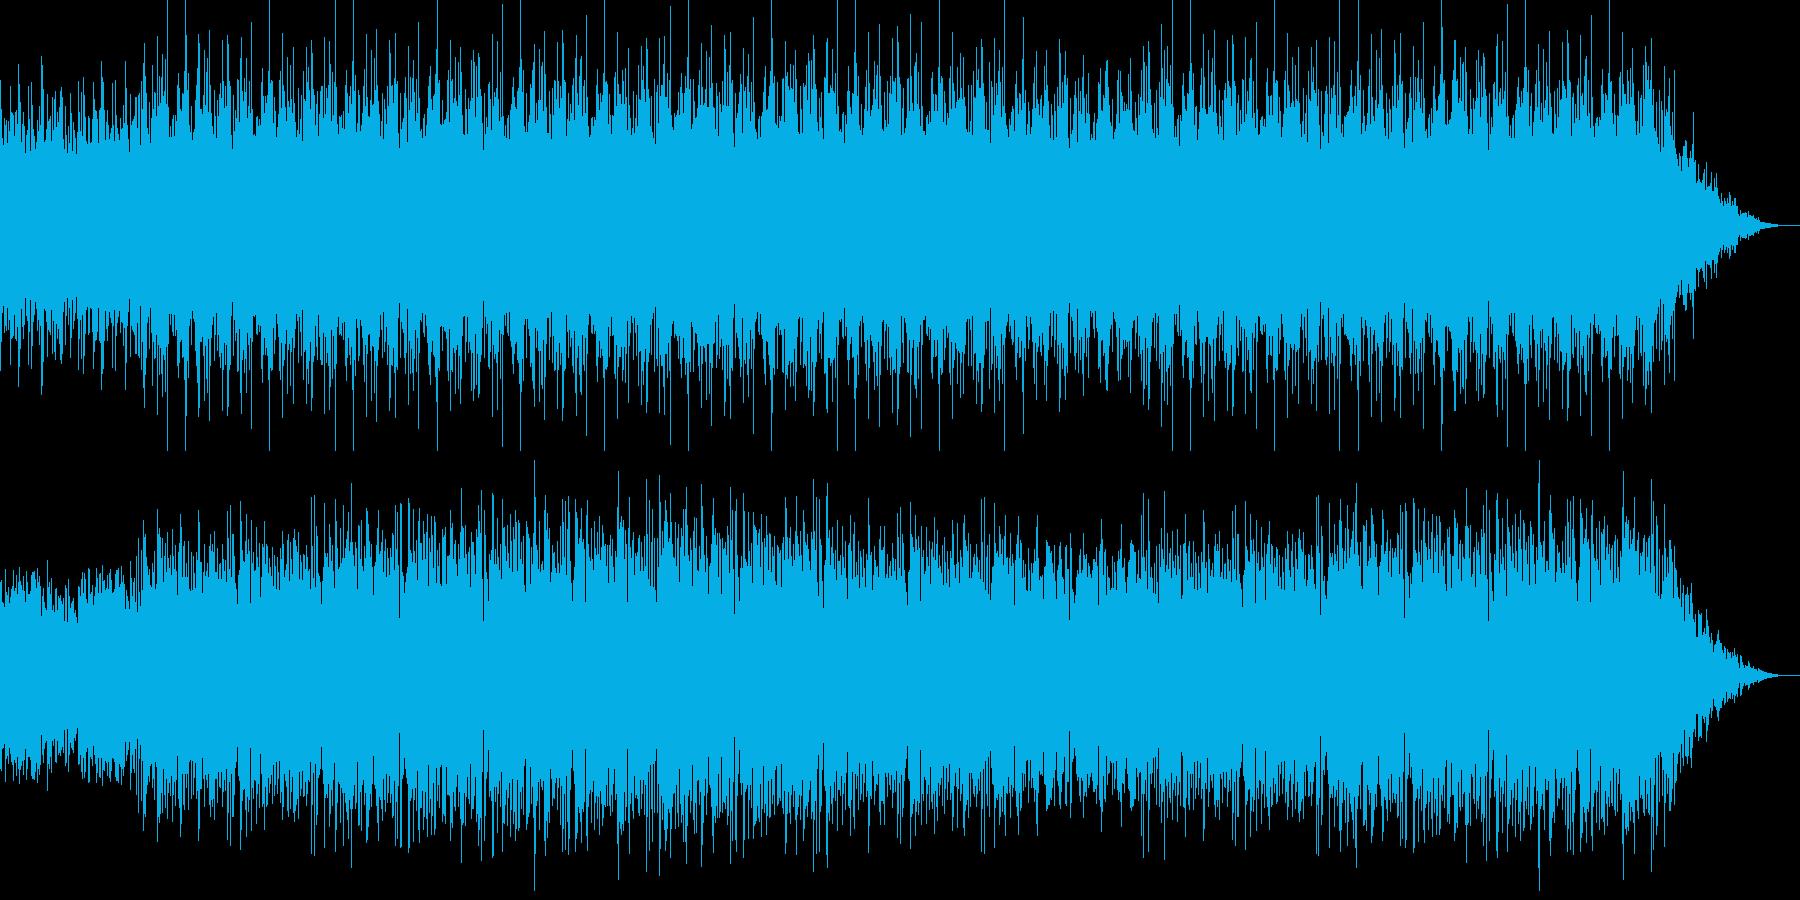 タイトル・ほのぼの・ライトの再生済みの波形